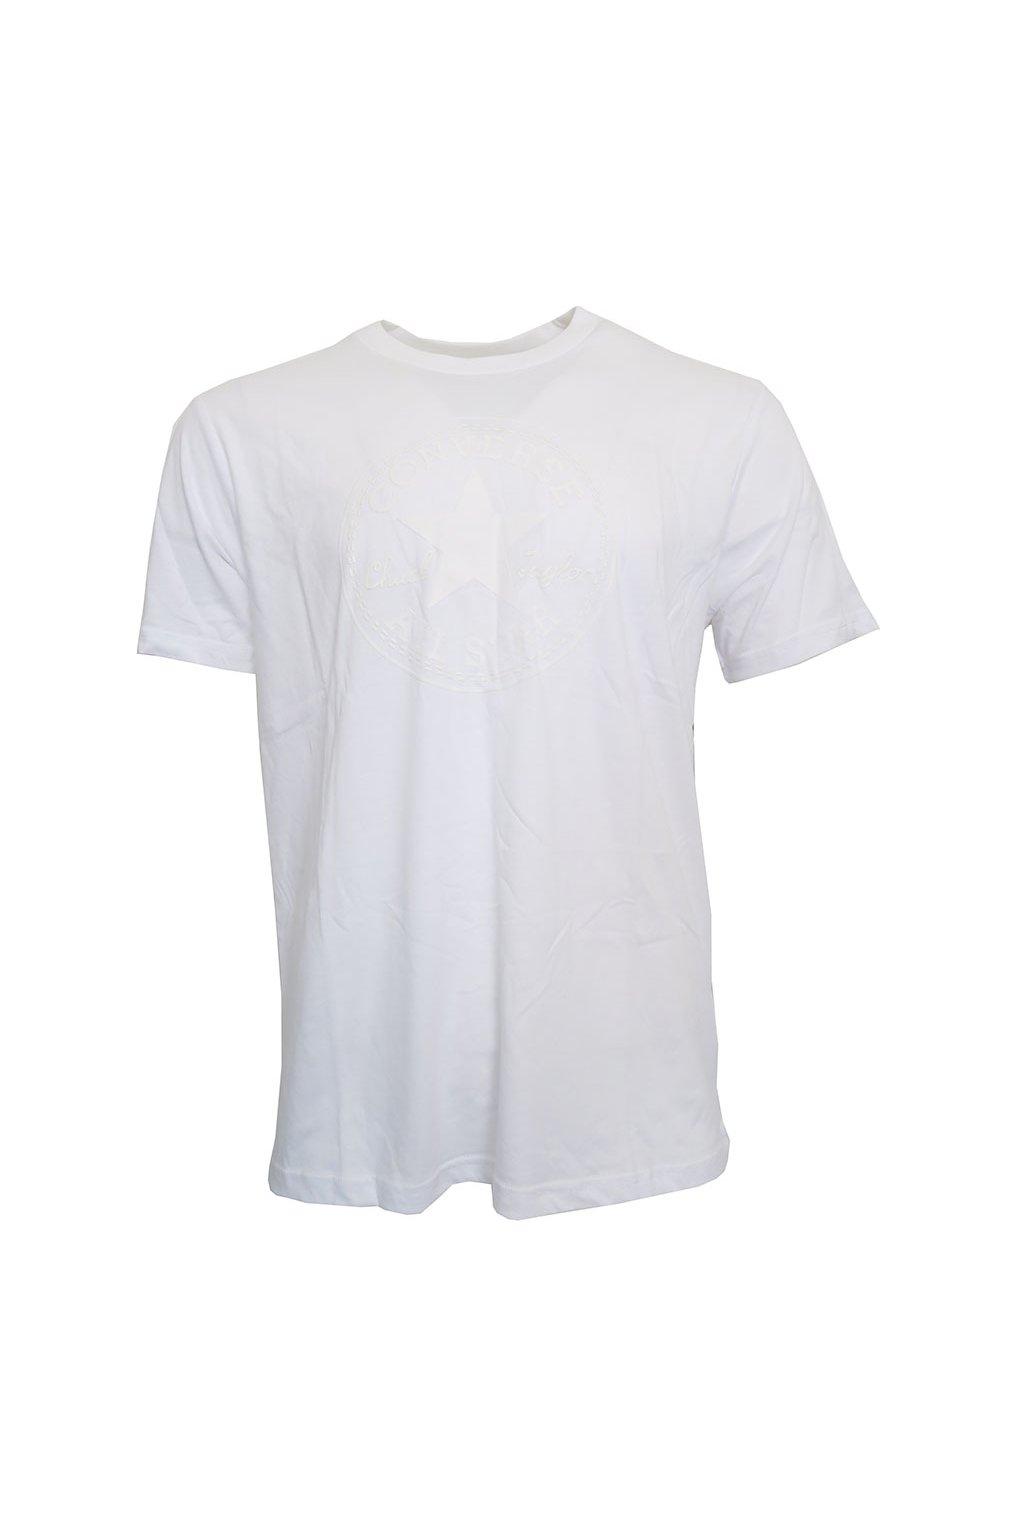 Bílé triko Converse